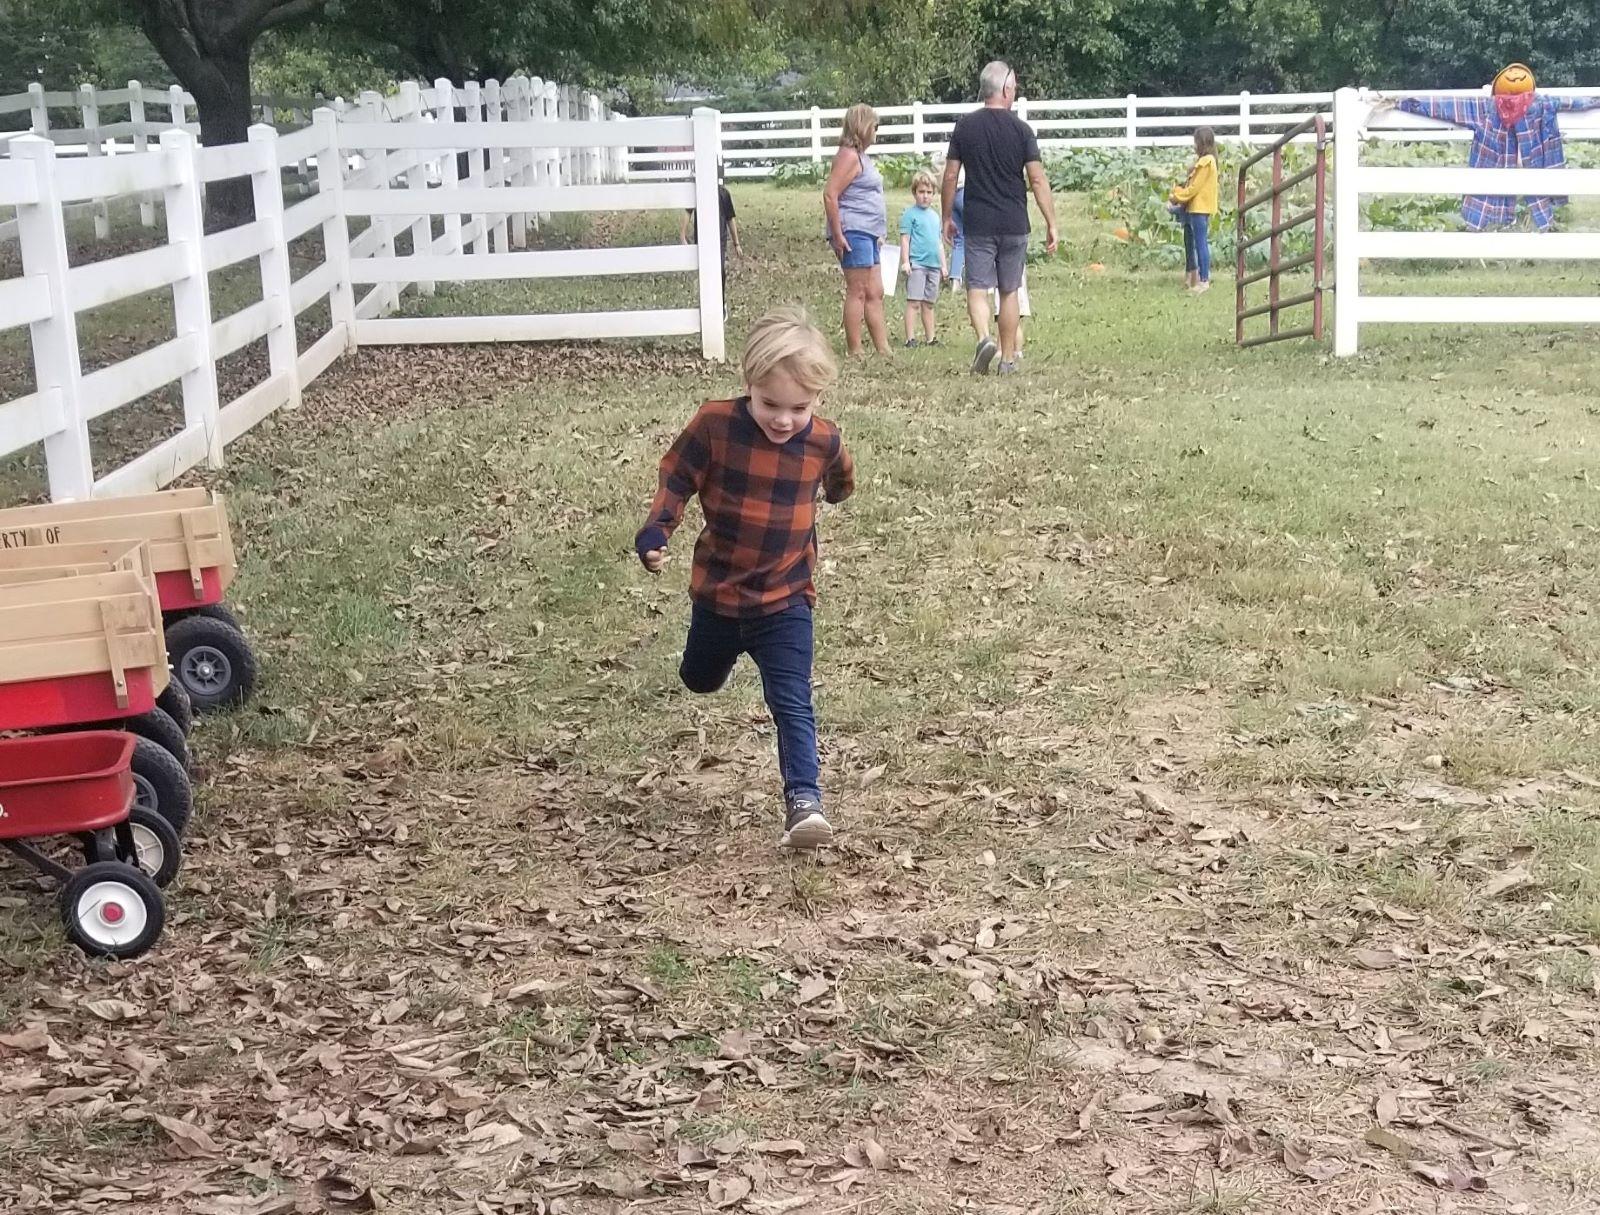 boy running through Grant's Farm fall fest 1